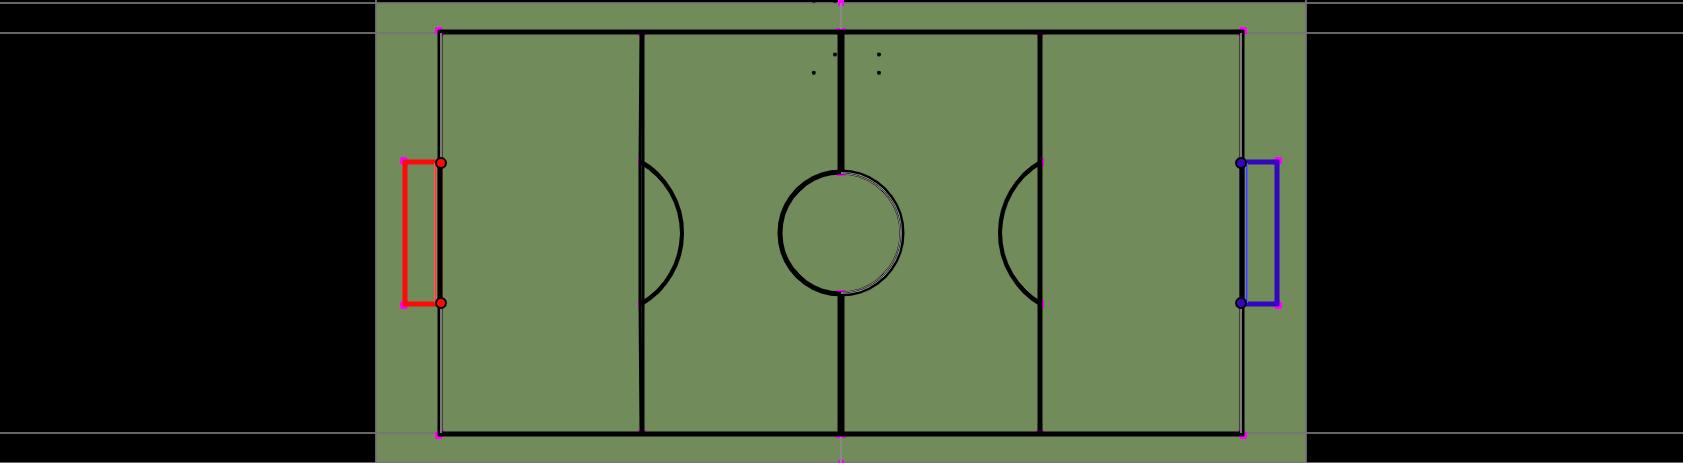 hax ball maps   Futsal 1x1 2x2 By Lioss